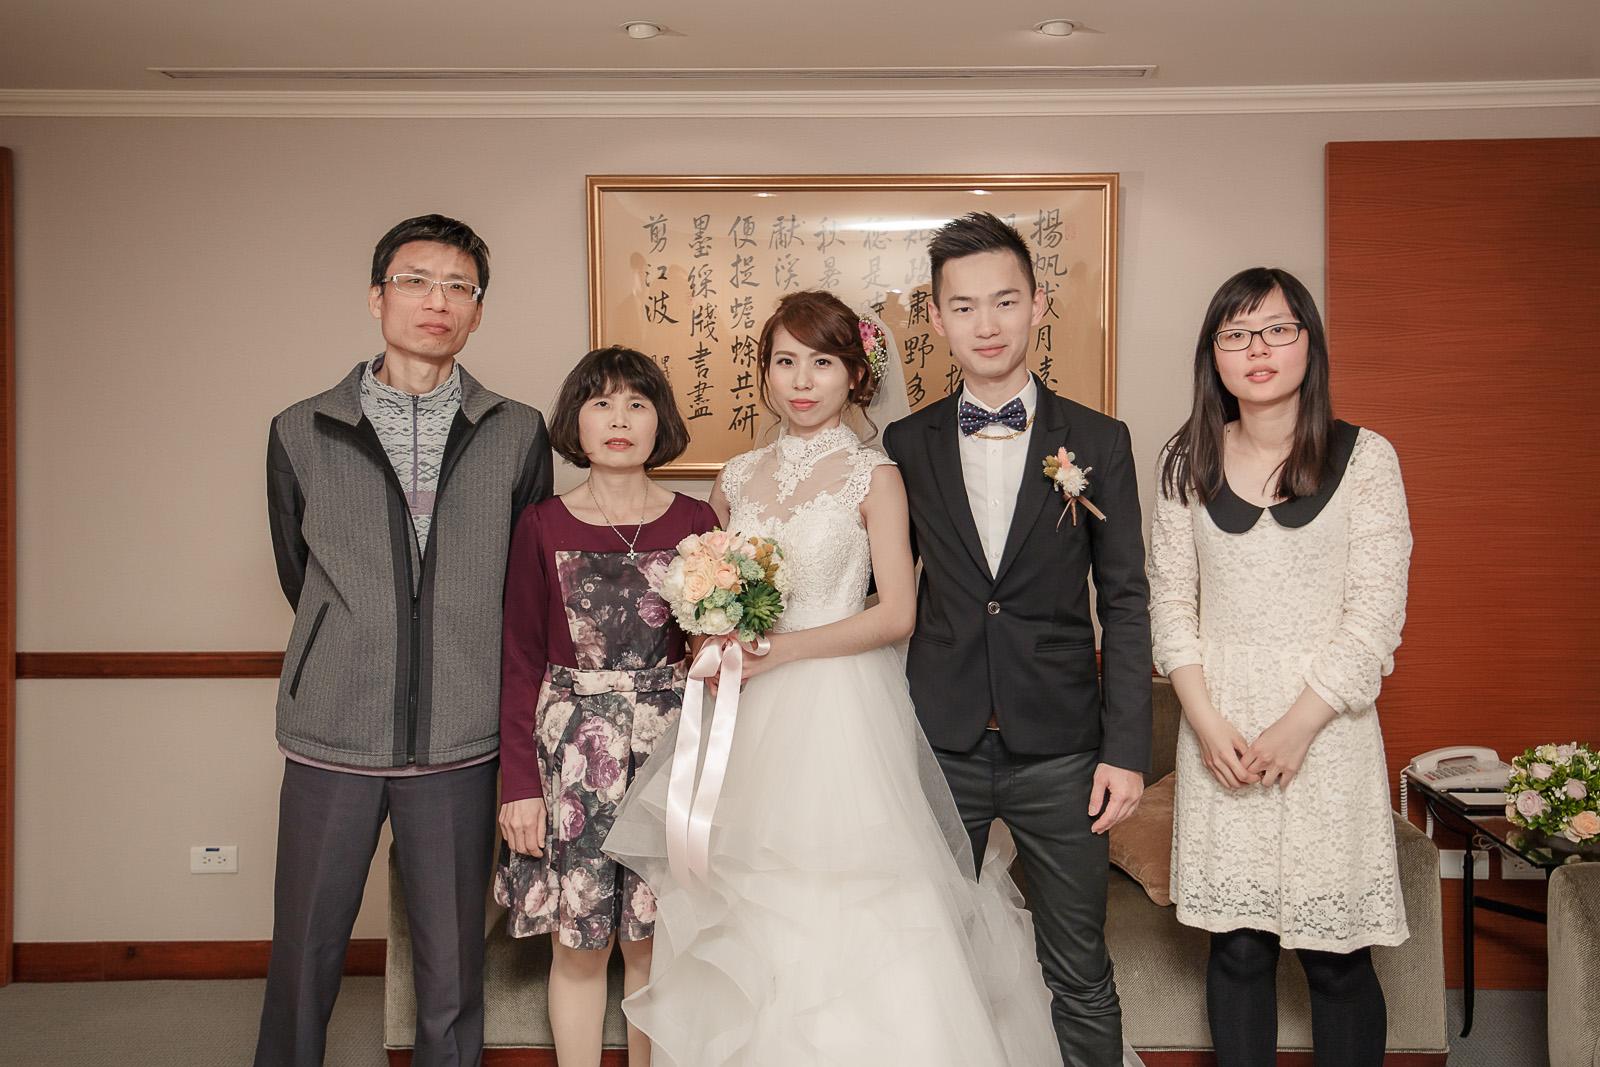 高雄圓山飯店,婚禮攝影,婚攝,高雄婚攝,優質婚攝推薦,Jen&Ethan-148